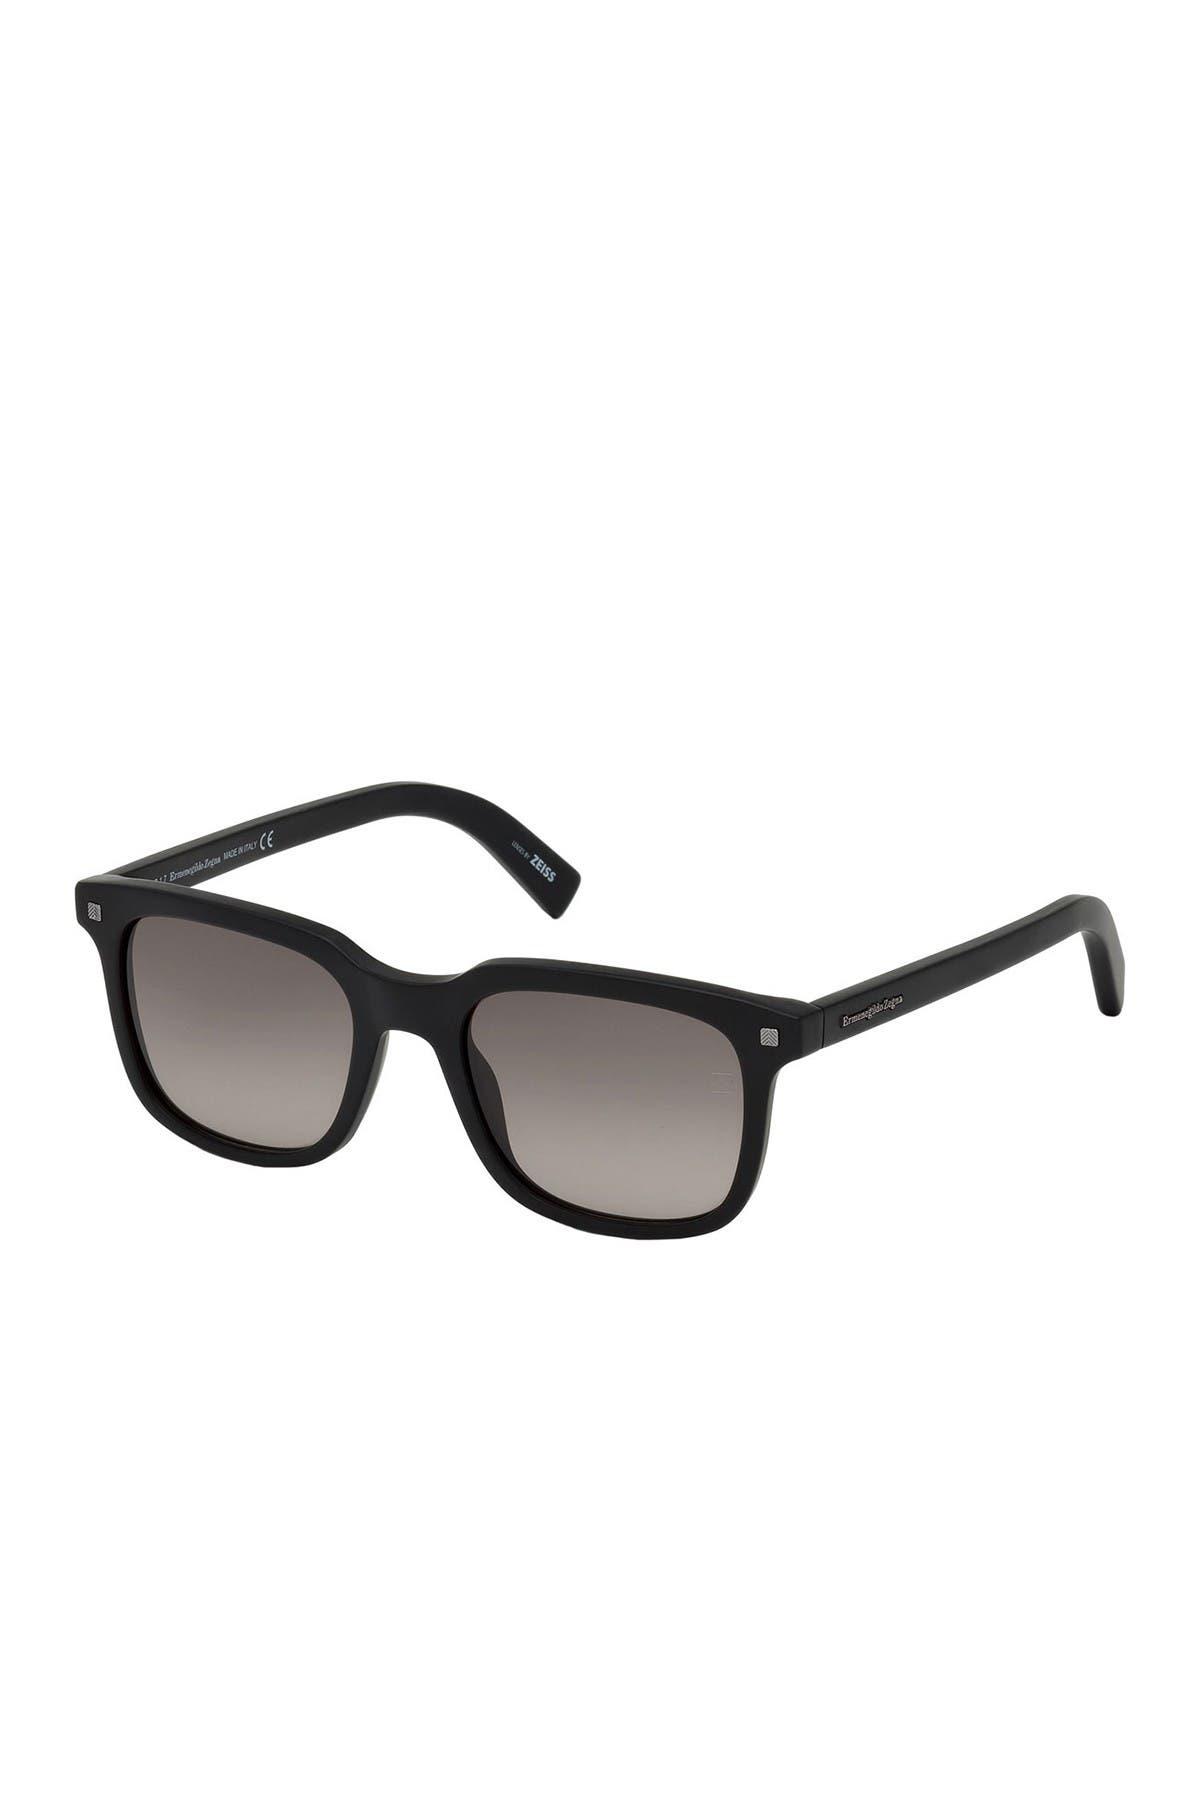 Image of Ermenegildo Zegna Zegna 51mm Square Sunglasses